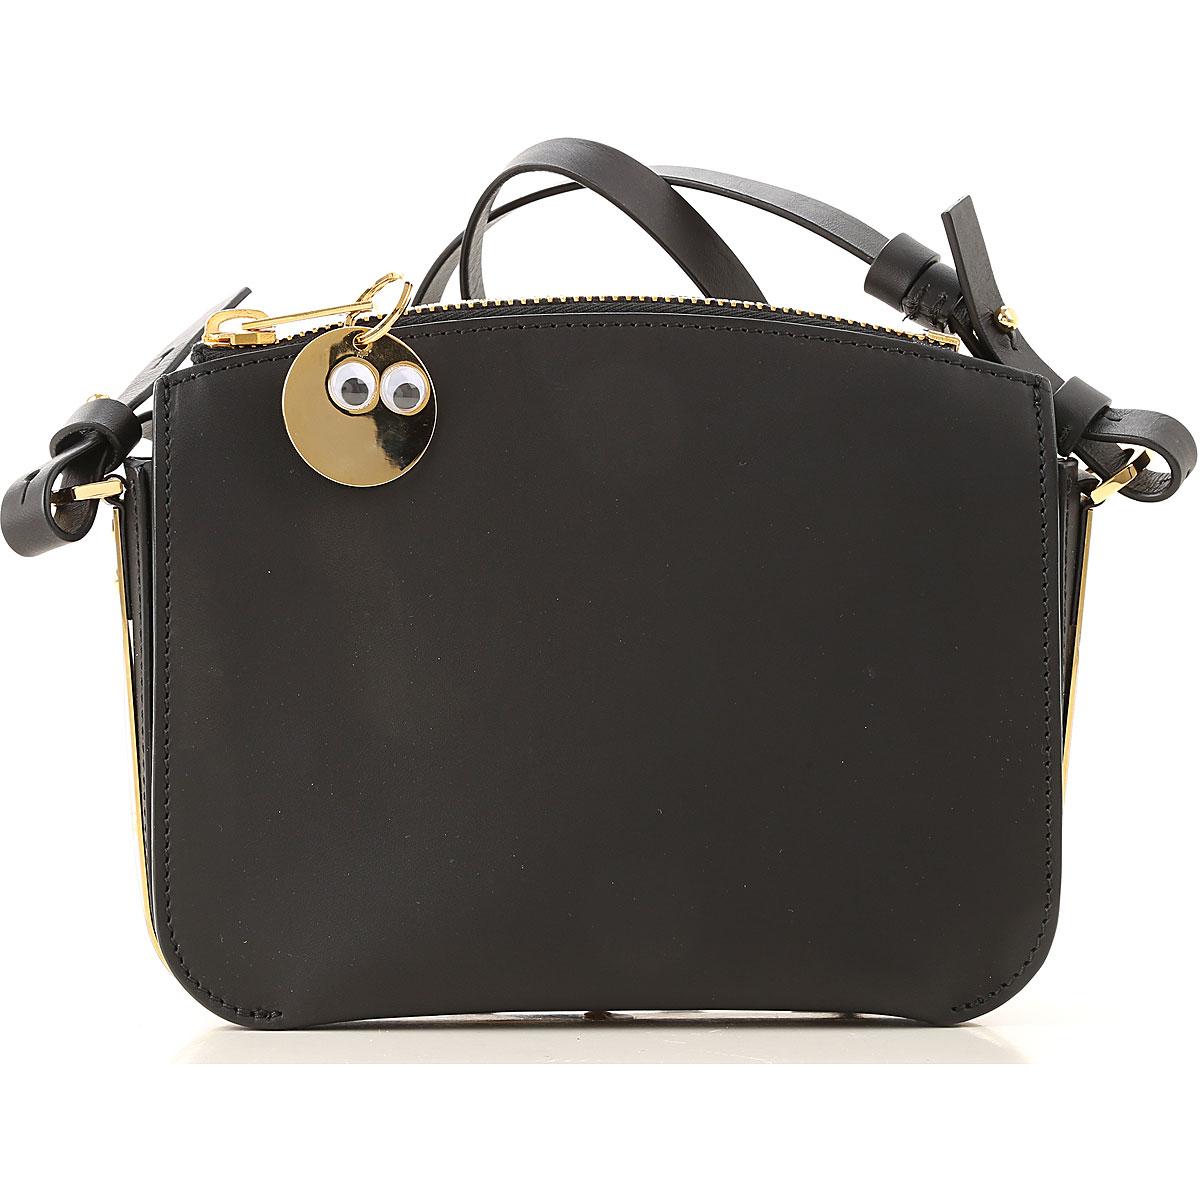 Sophie Hulme Top Handle Handbag On Sale in Outlet, Black, Leather, 2019